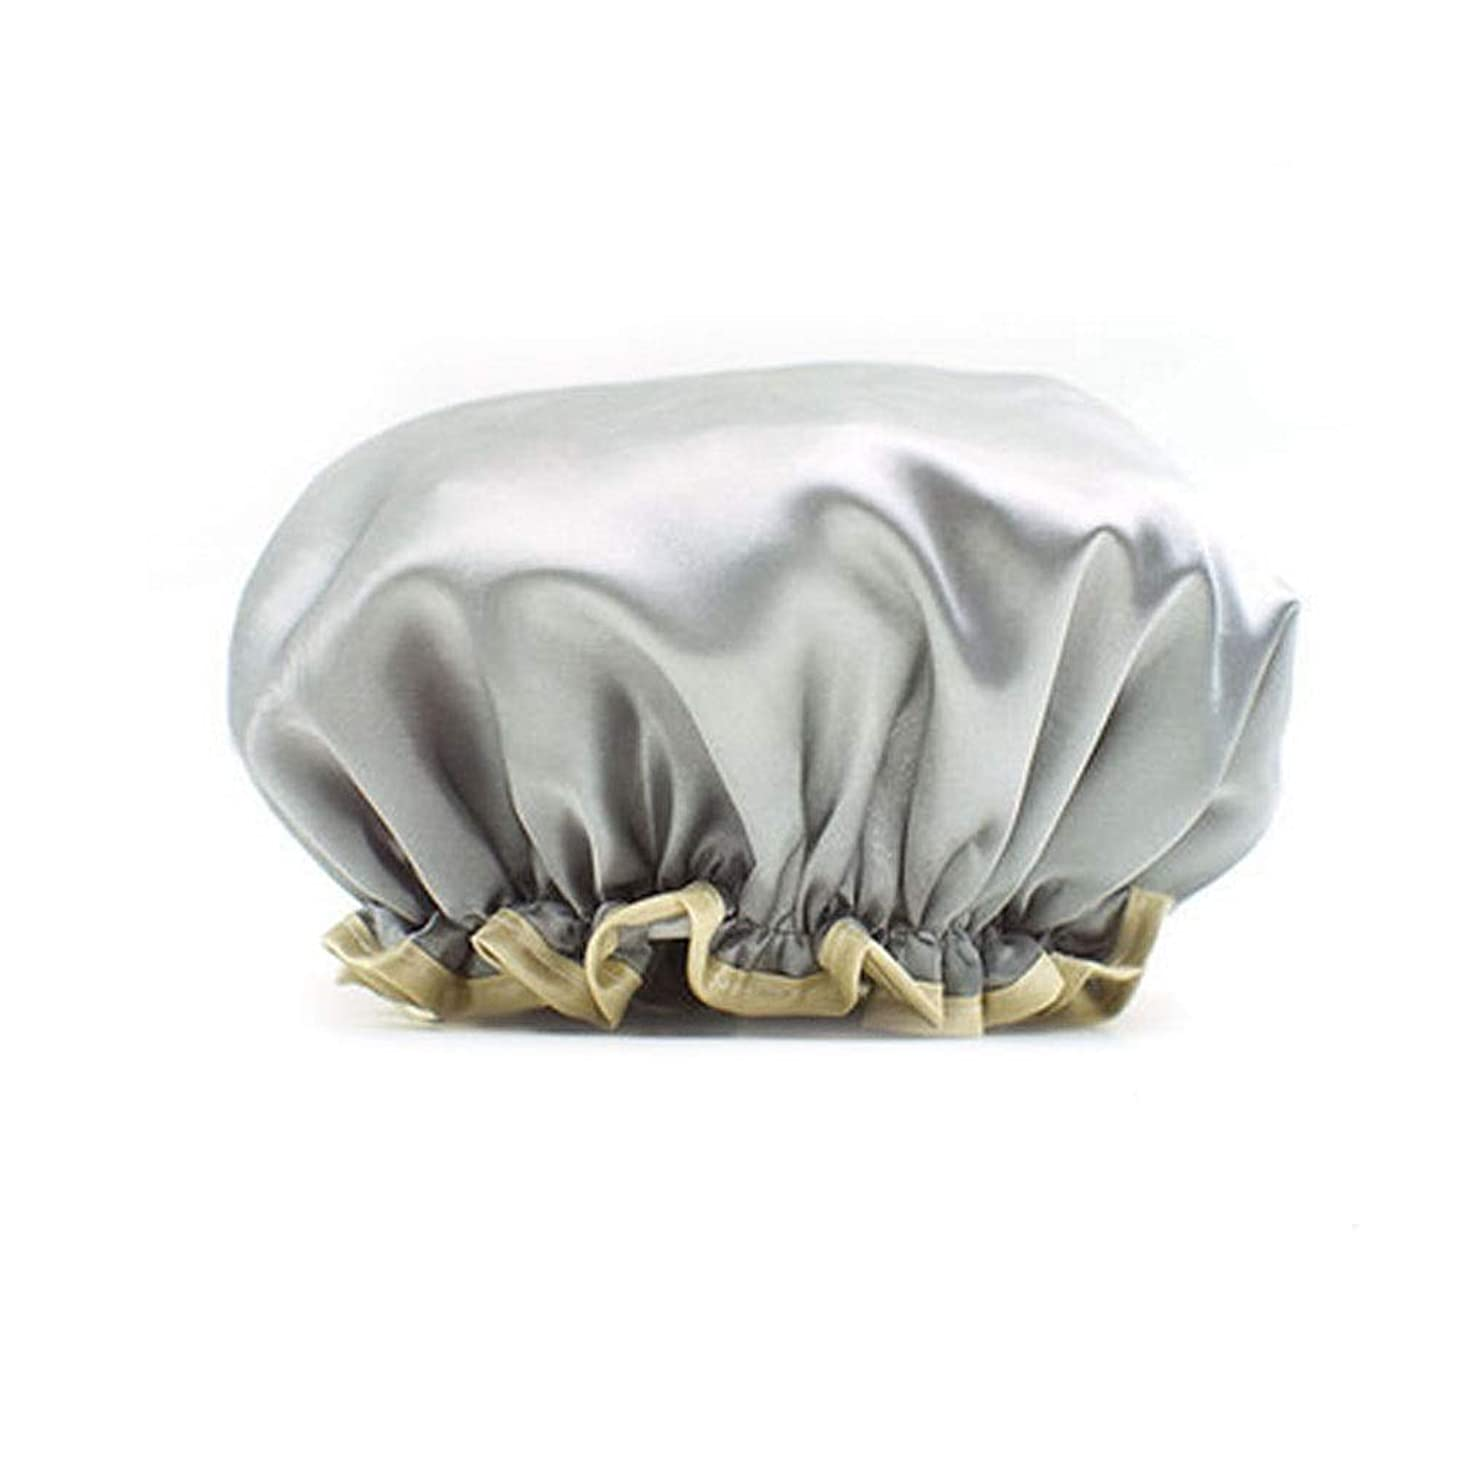 難しい北方年金HUCHAOQIXIU シャワーキャップ防水シャワーキャップ大人ブルーピンクシャワーファッション厚みのある防水シャワーキャップレイン防水防水キャップ (Color : Gray)